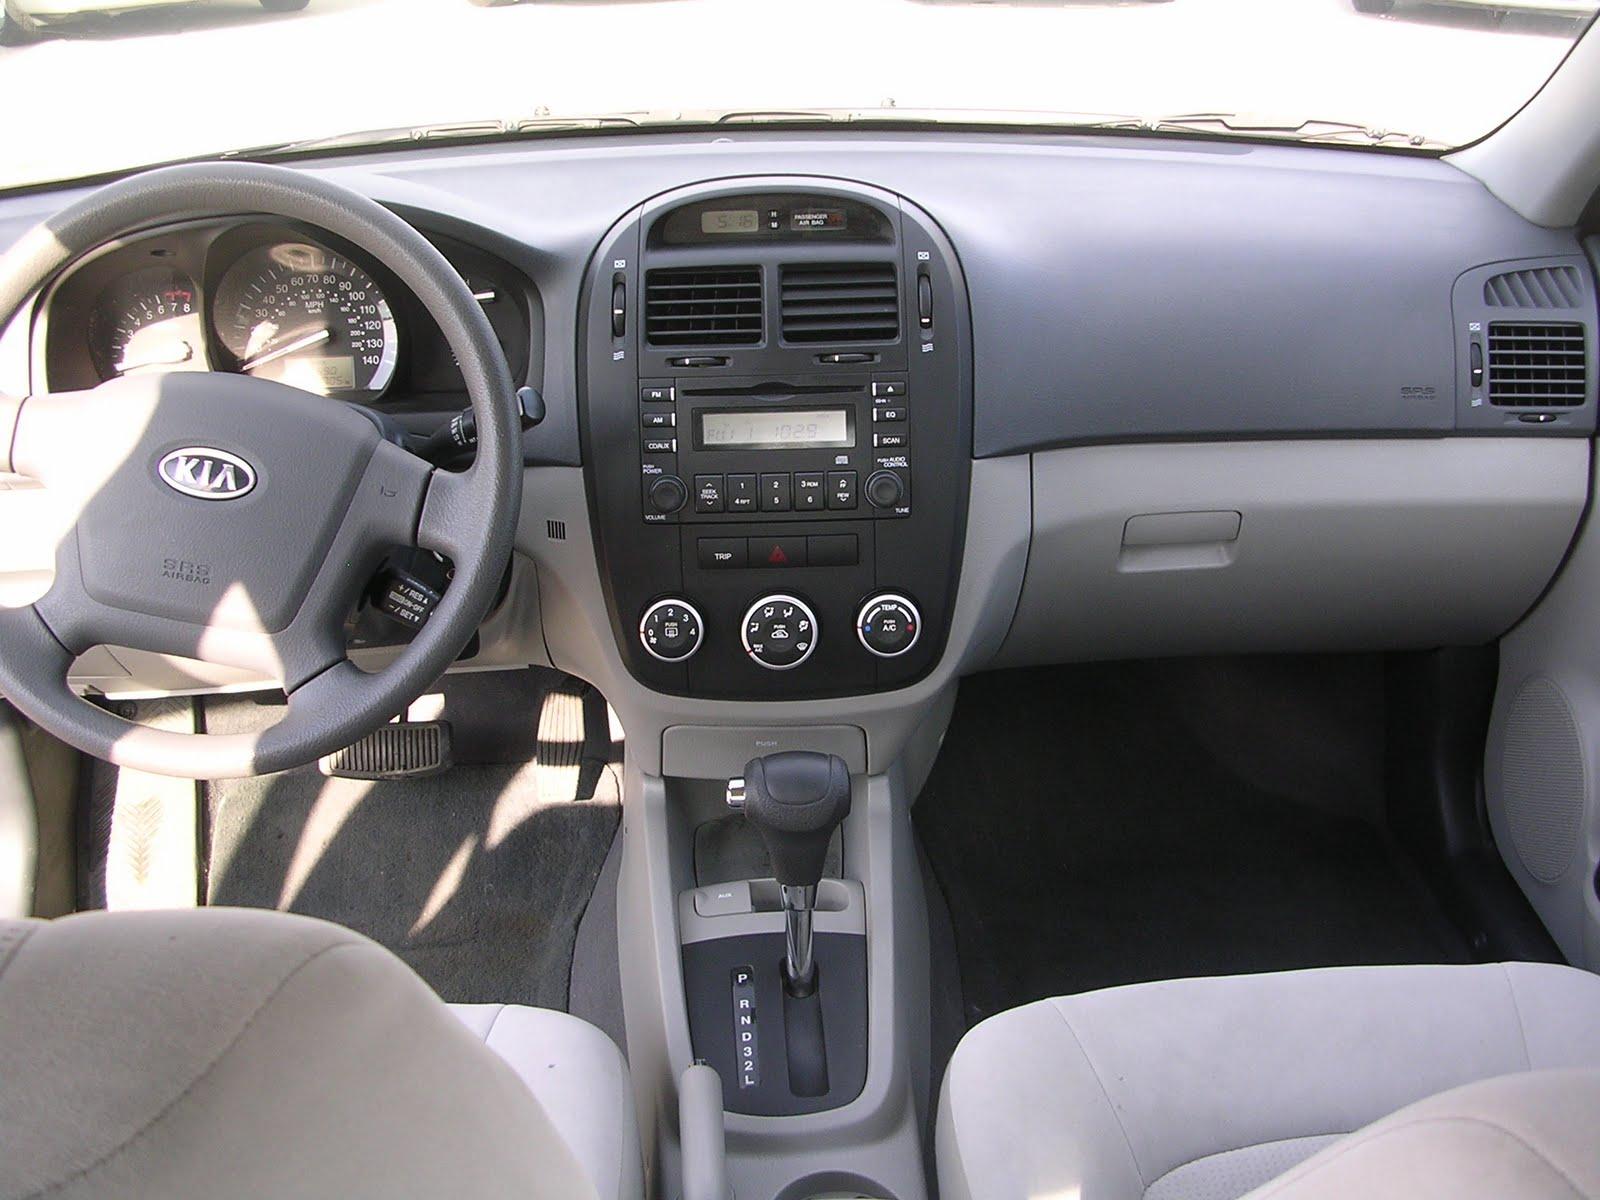 NewCarTest Drive Via AOL Autos: Http://autos.aol.com/cars Kia Spectra  2009 EX__4dr_Sedan/expert Review/